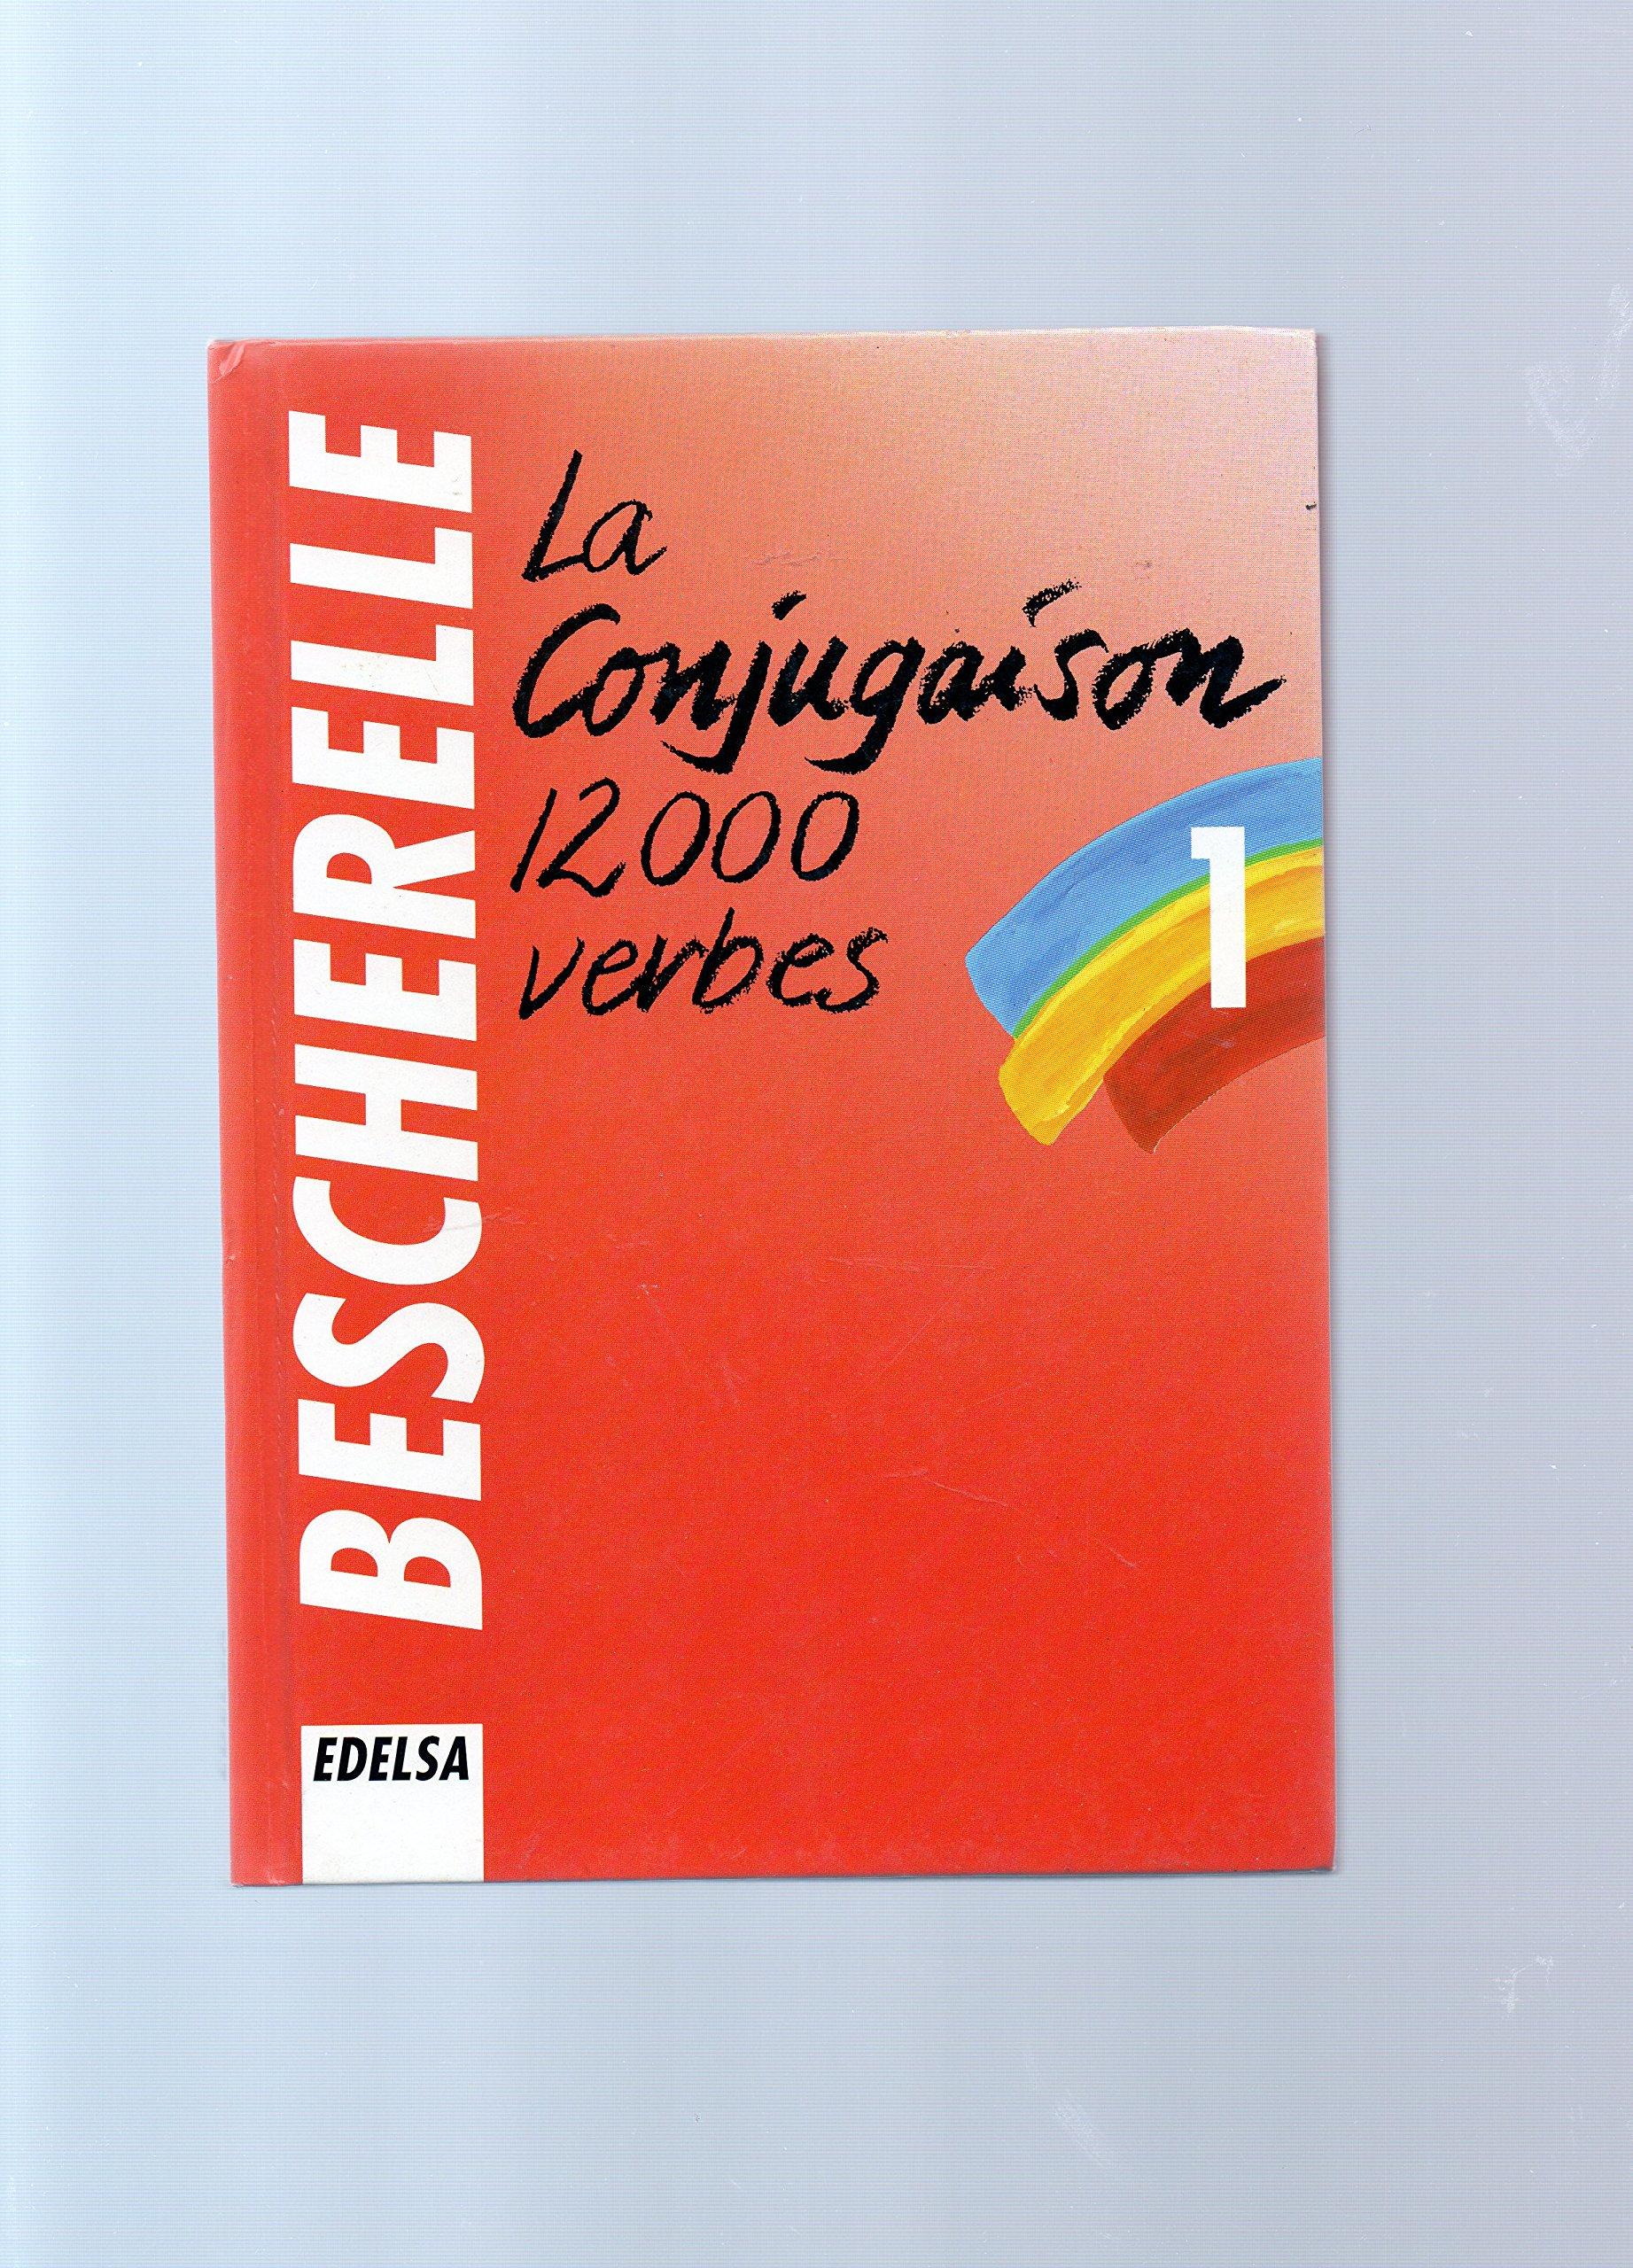 conjugaison 12000 verbe